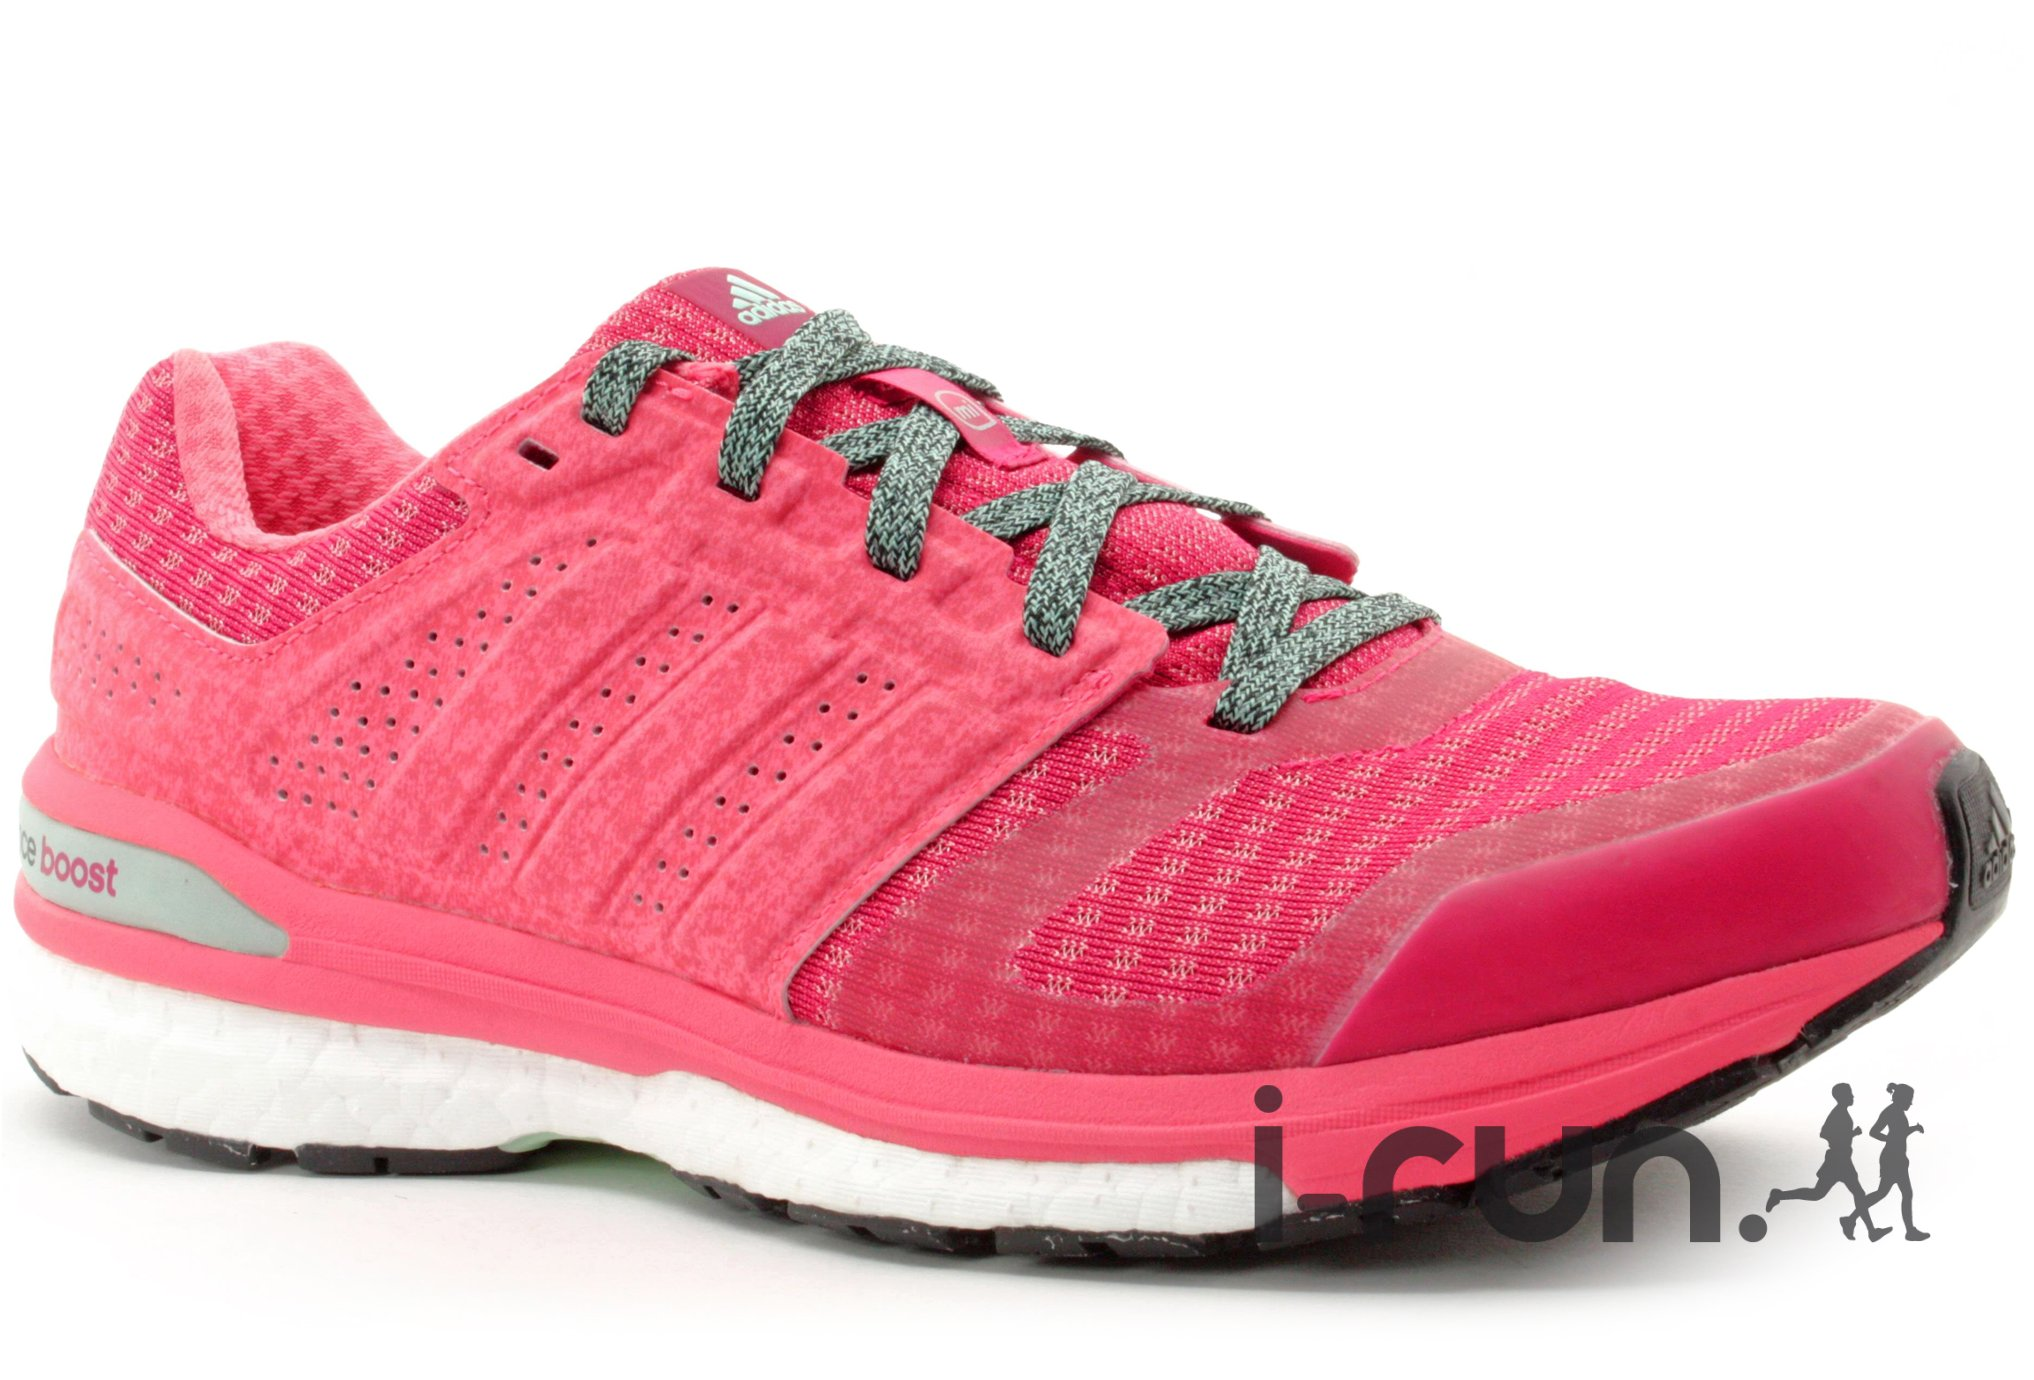 Adidas Supernova sequence boost 8 w diététique chaussures femme